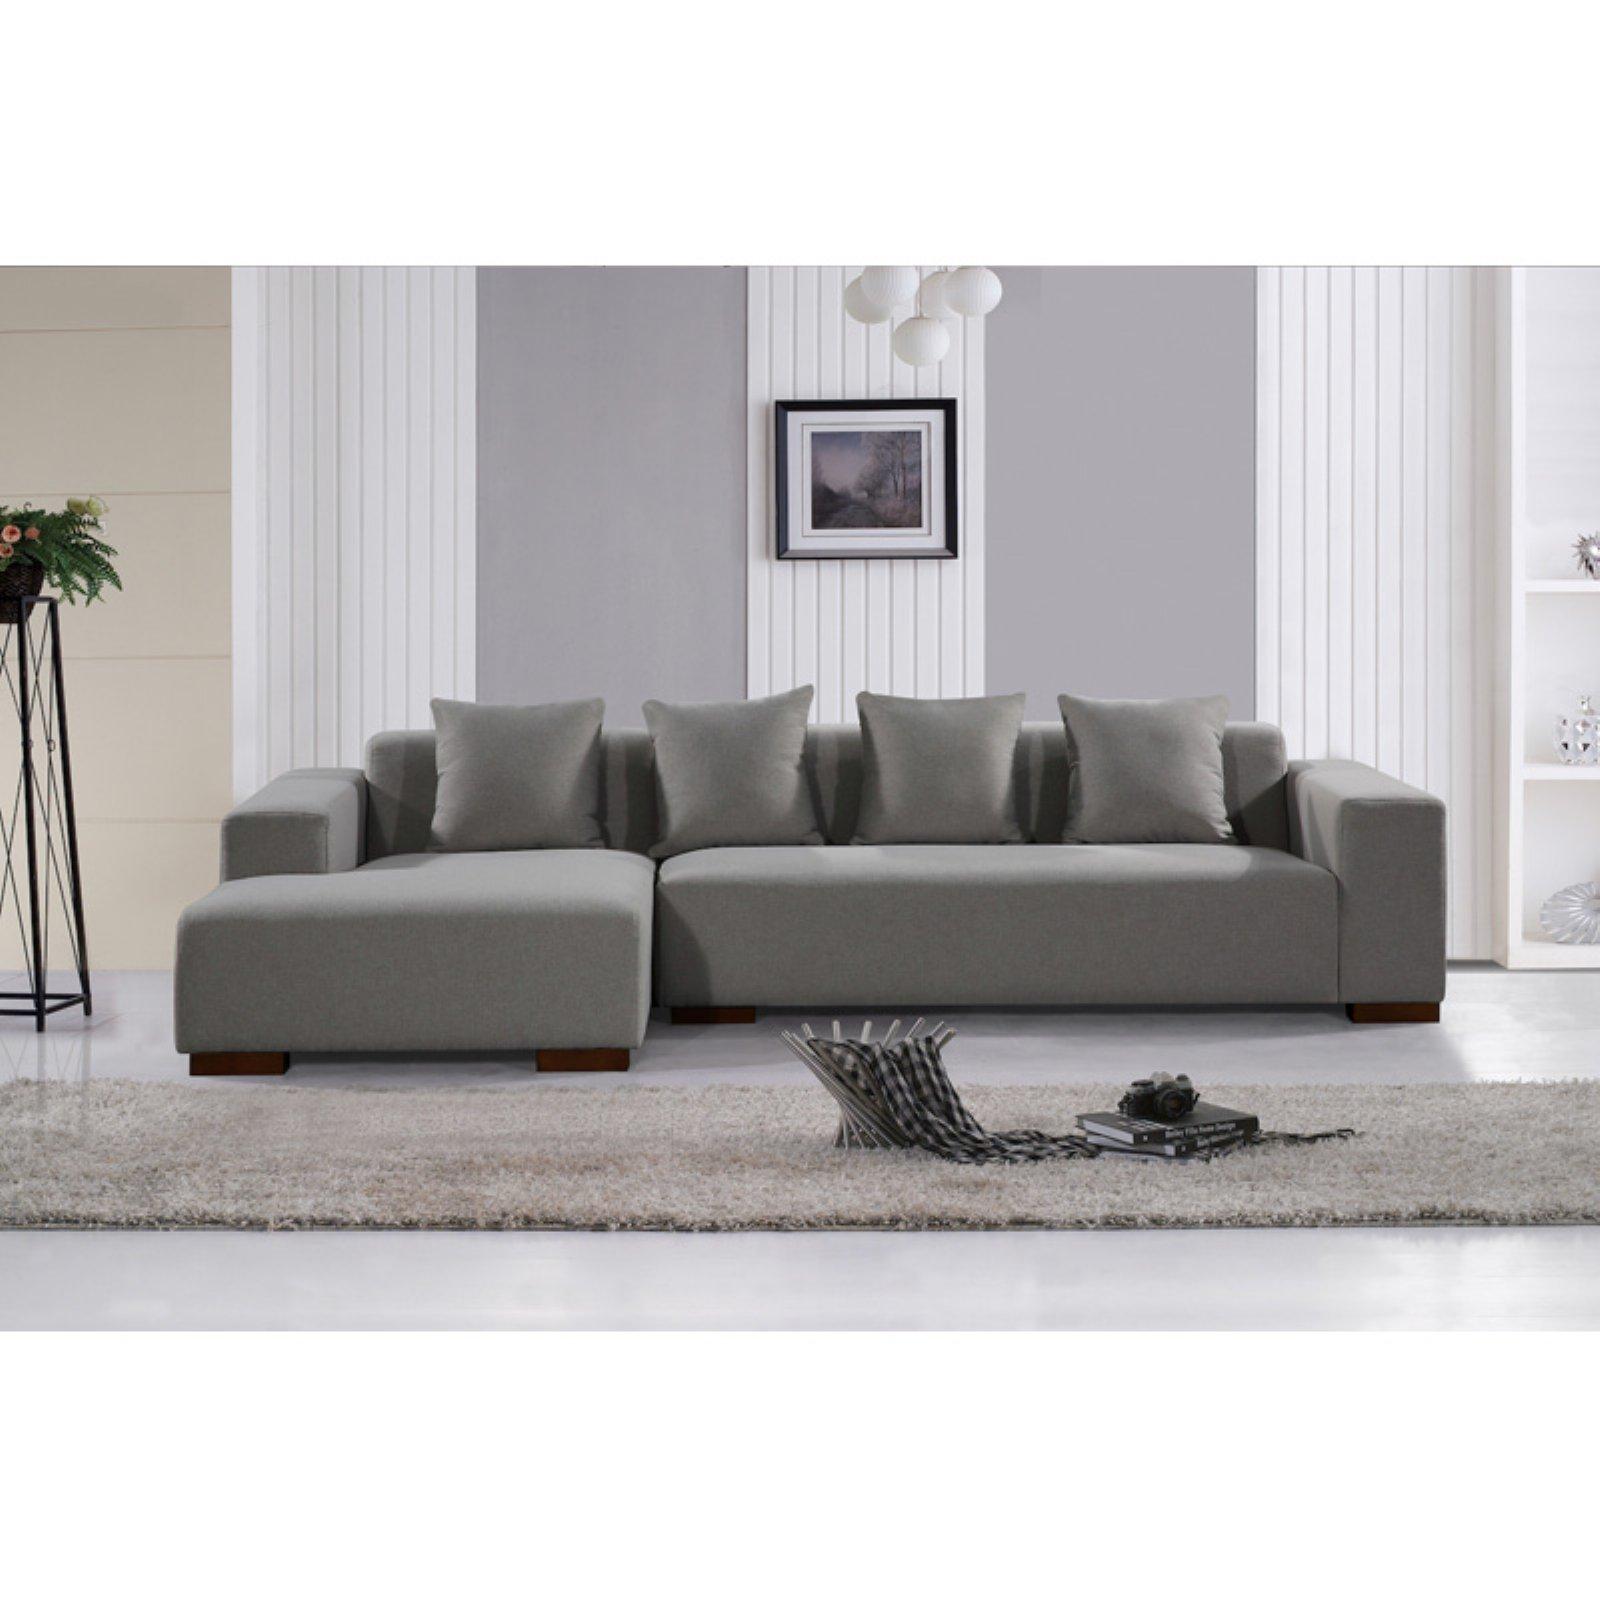 Velago Lungo Contemporary Fabric Sectional Sofa